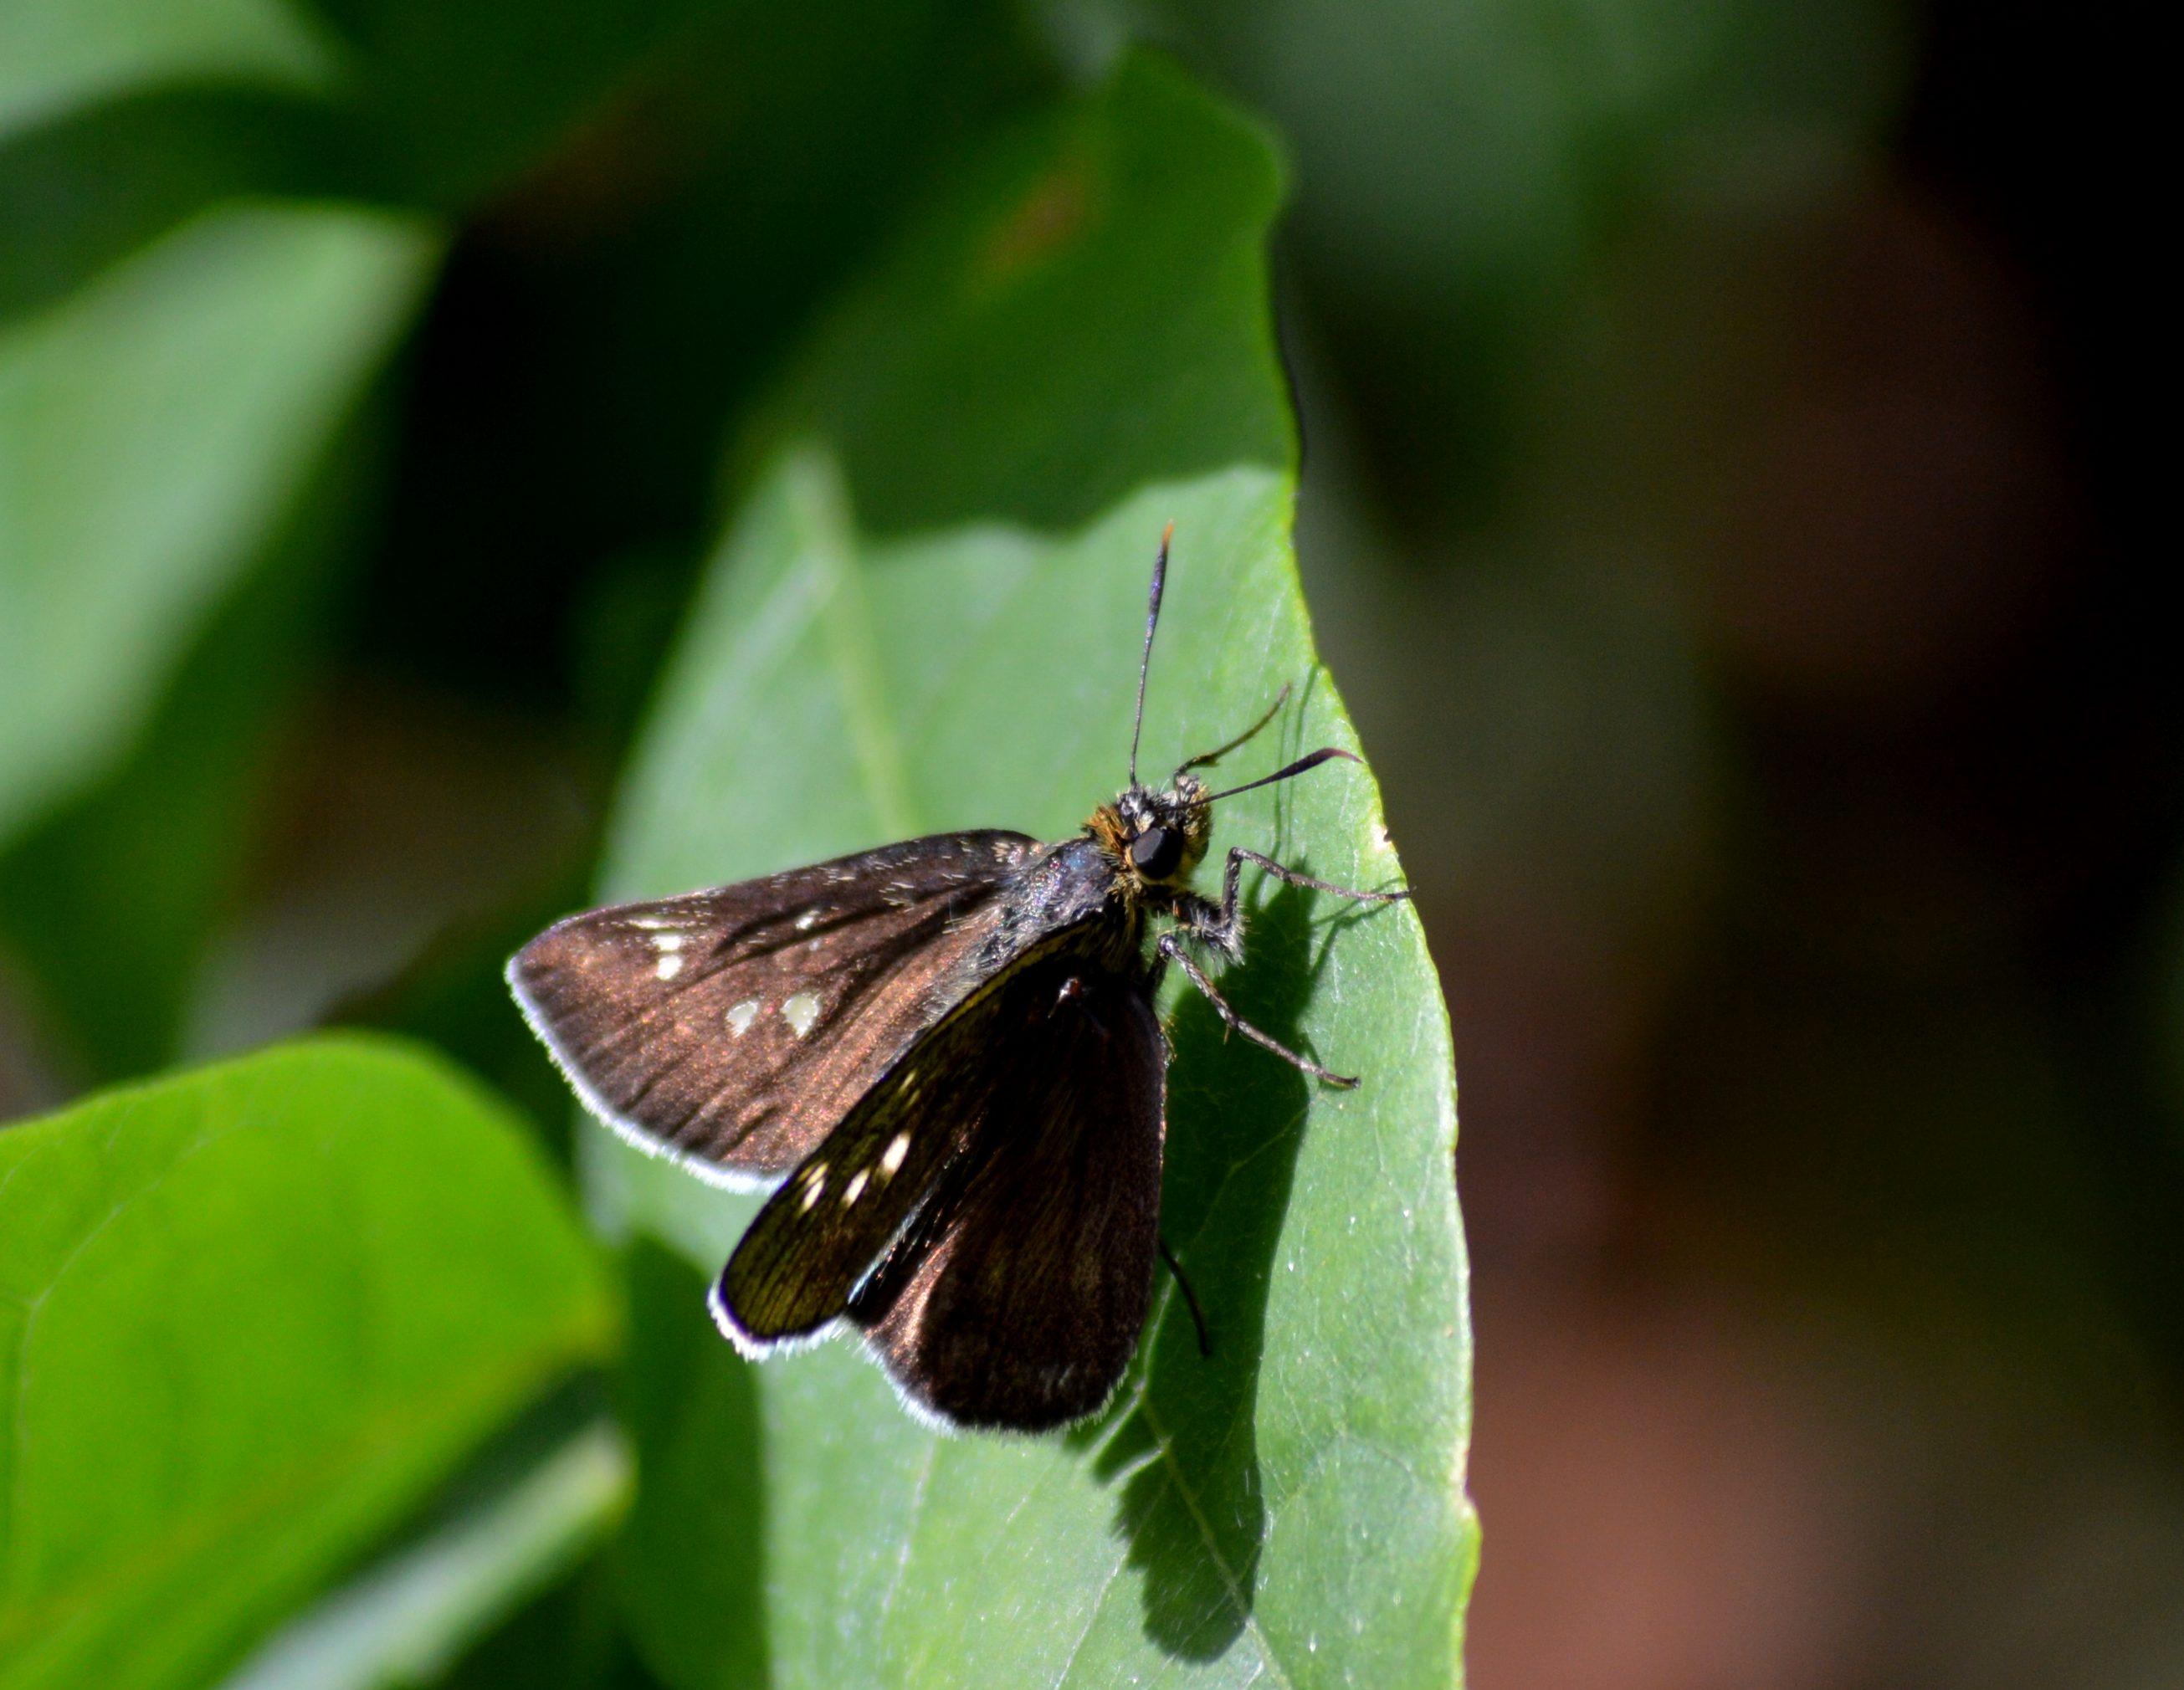 オオチャバネセセリ他 6月13日に撮影したセセリ4種_d0254540_15304712.jpg